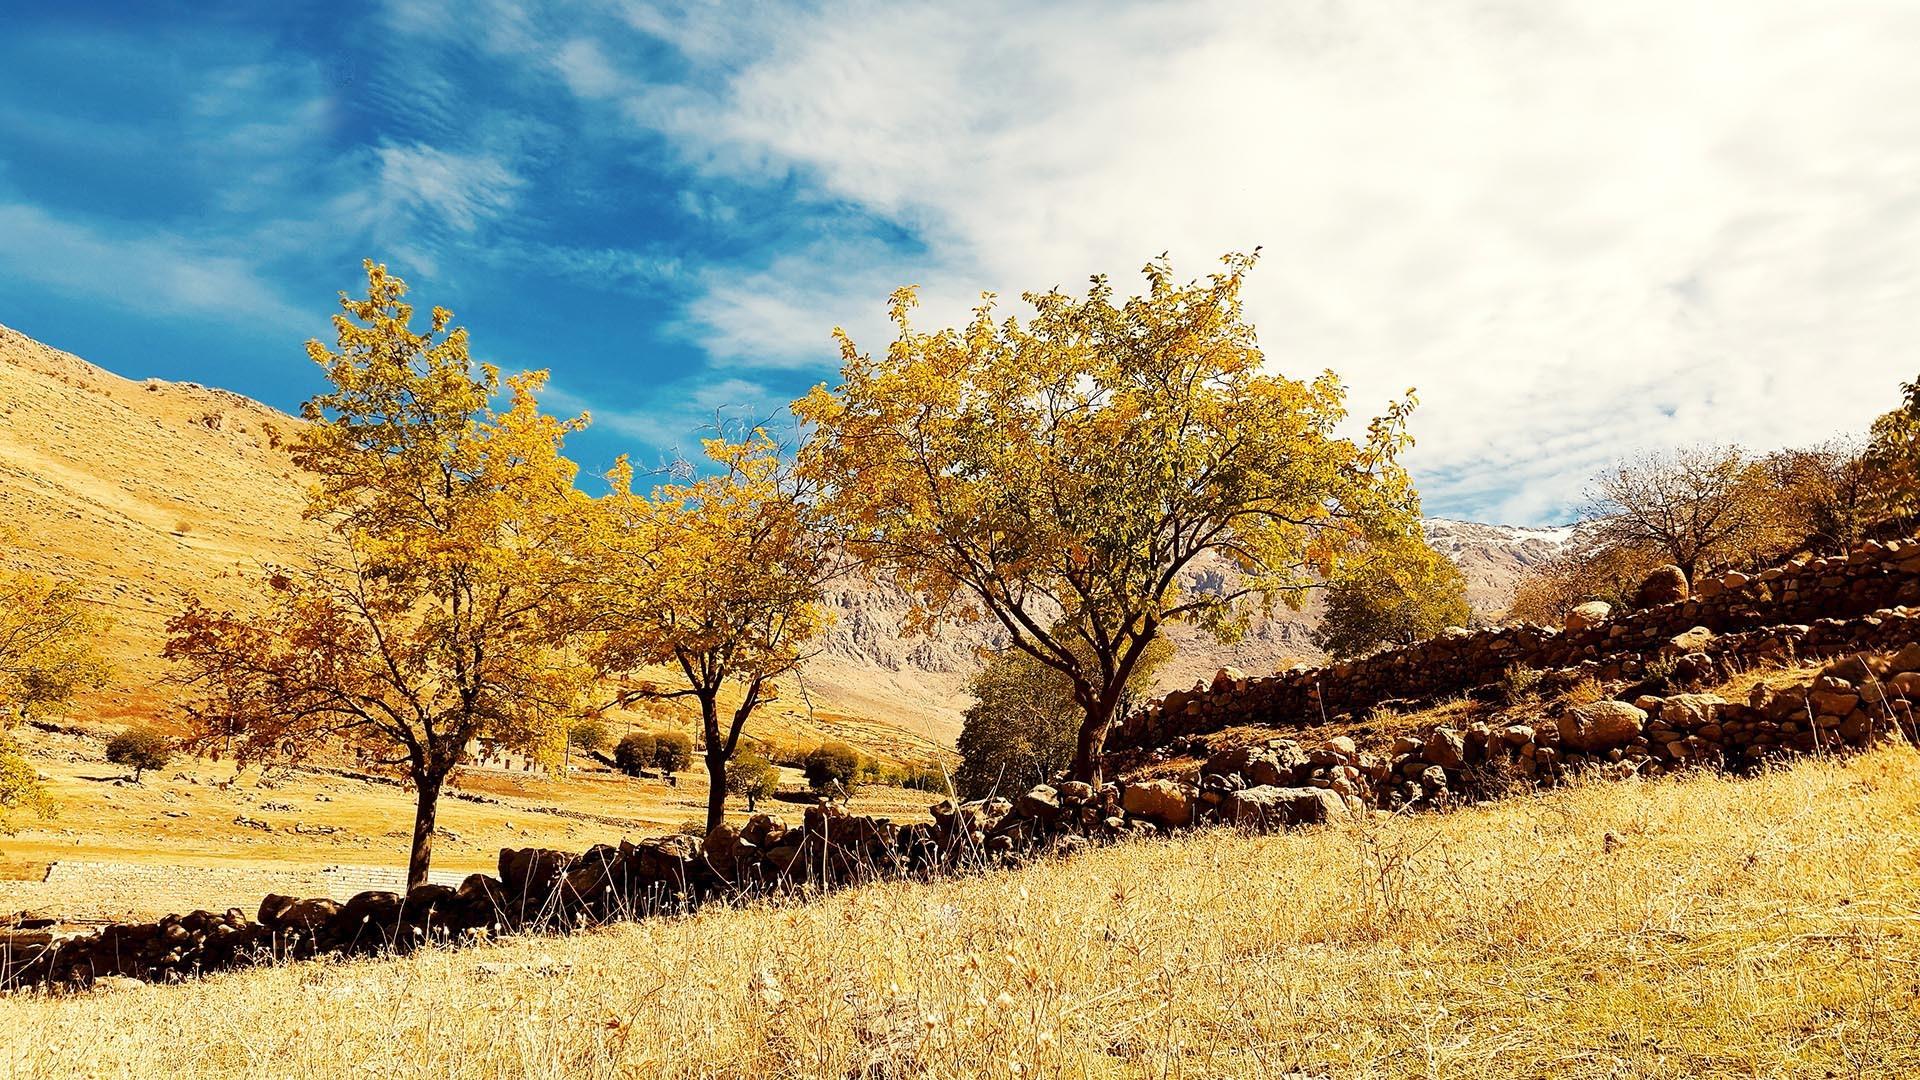 طبیعت زیبای پاییزی پاوه . عکس از آراس بابایی